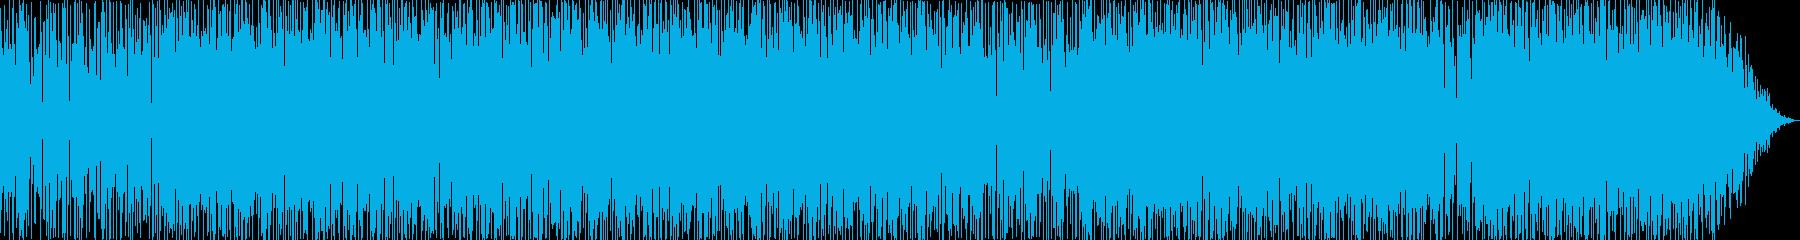 オルガンを主旋律にして、ちょっと懐かし…の再生済みの波形